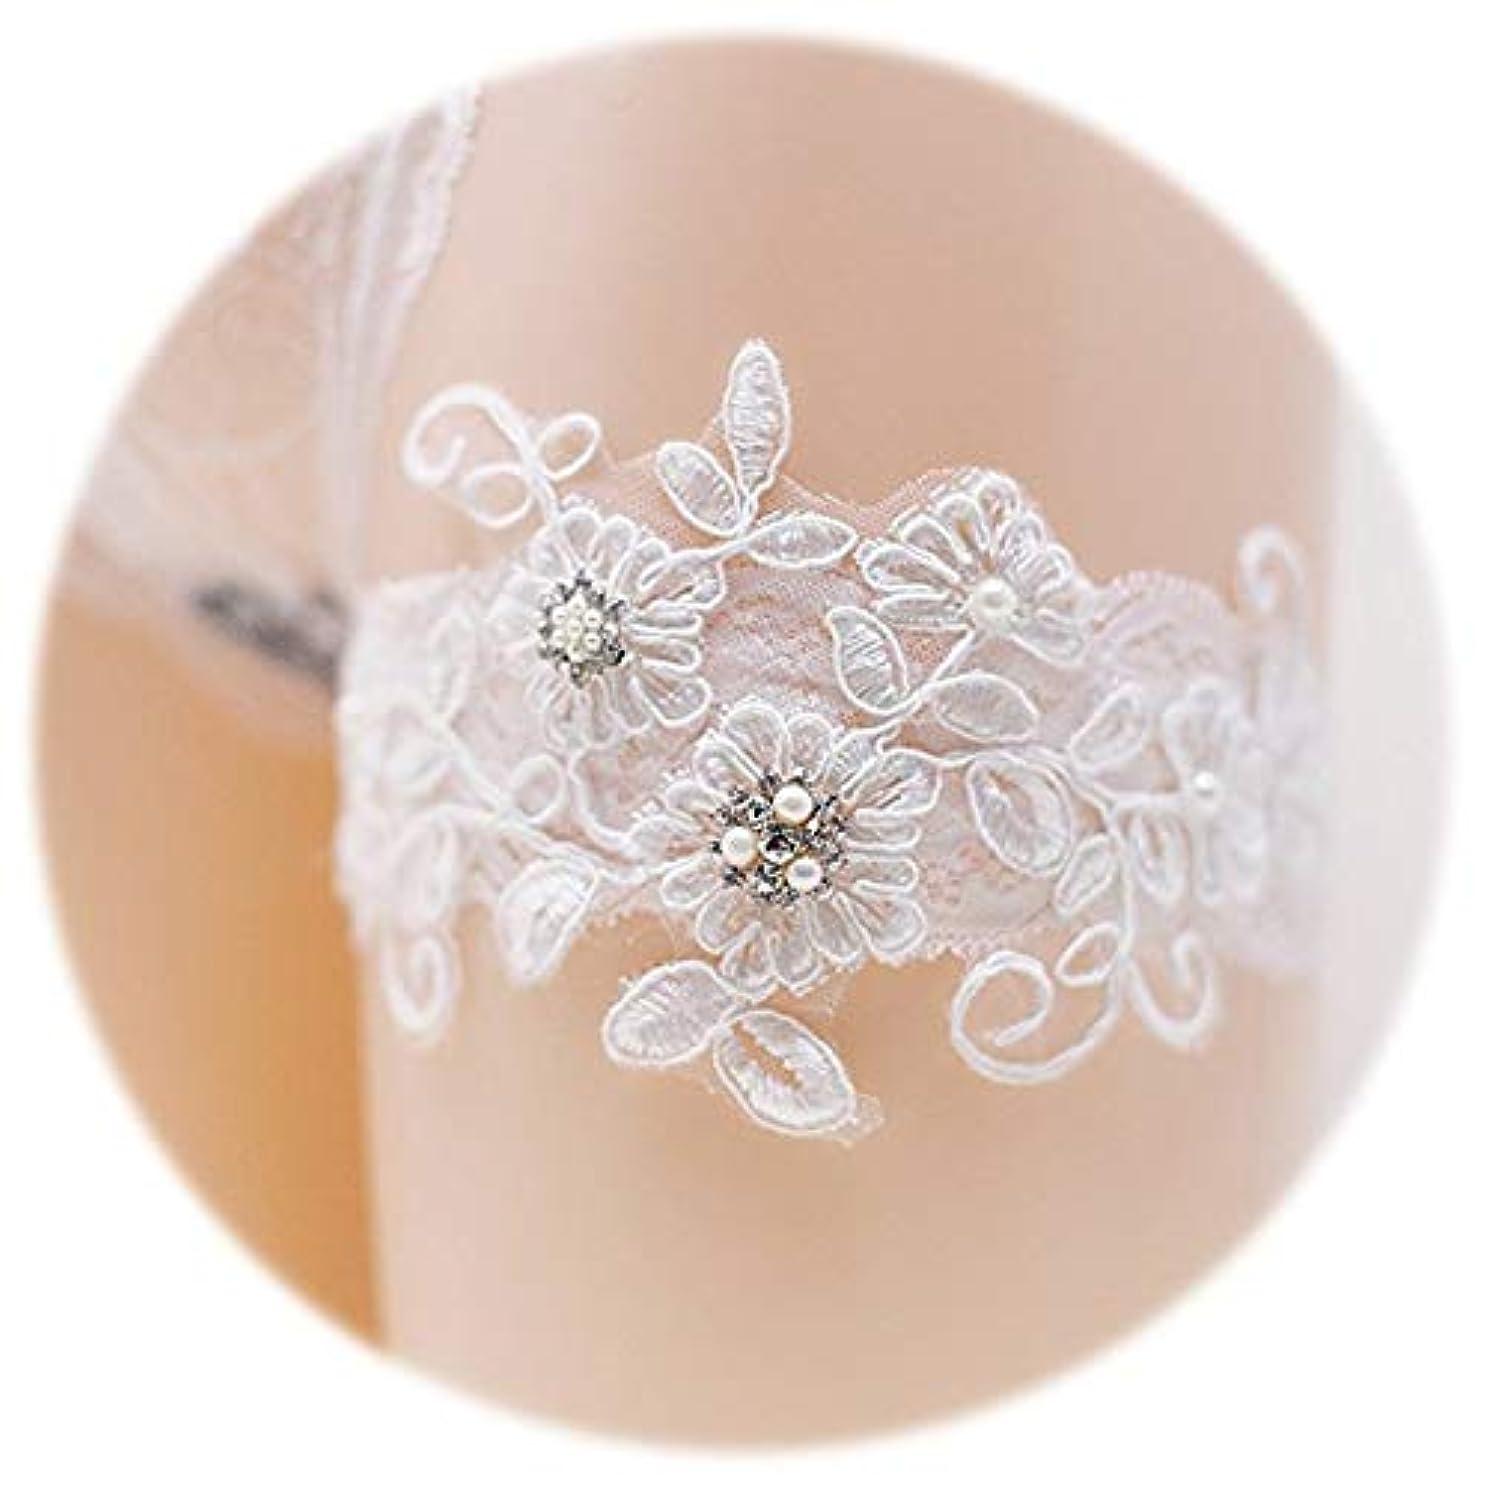 とティーム牧草地胆嚢2個の結婚式のブライダルロマンチックな結婚式のレースのガーター手作りのラインストーンレースの真珠の花のガーター (白)